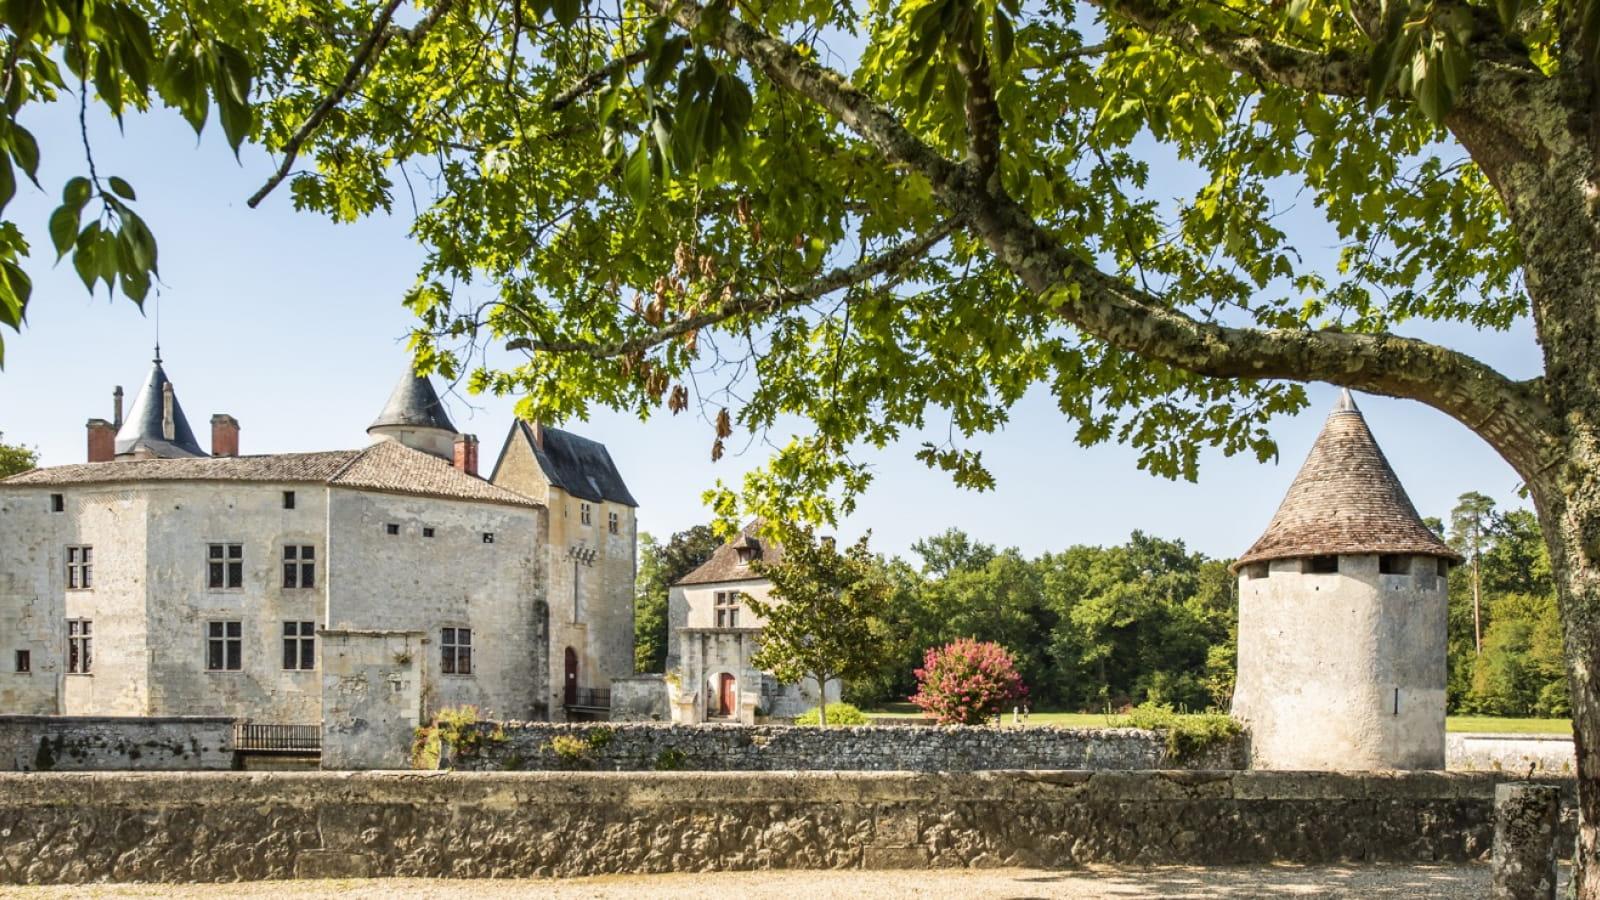 Vue ext ®ANAKA-Château de La Brède